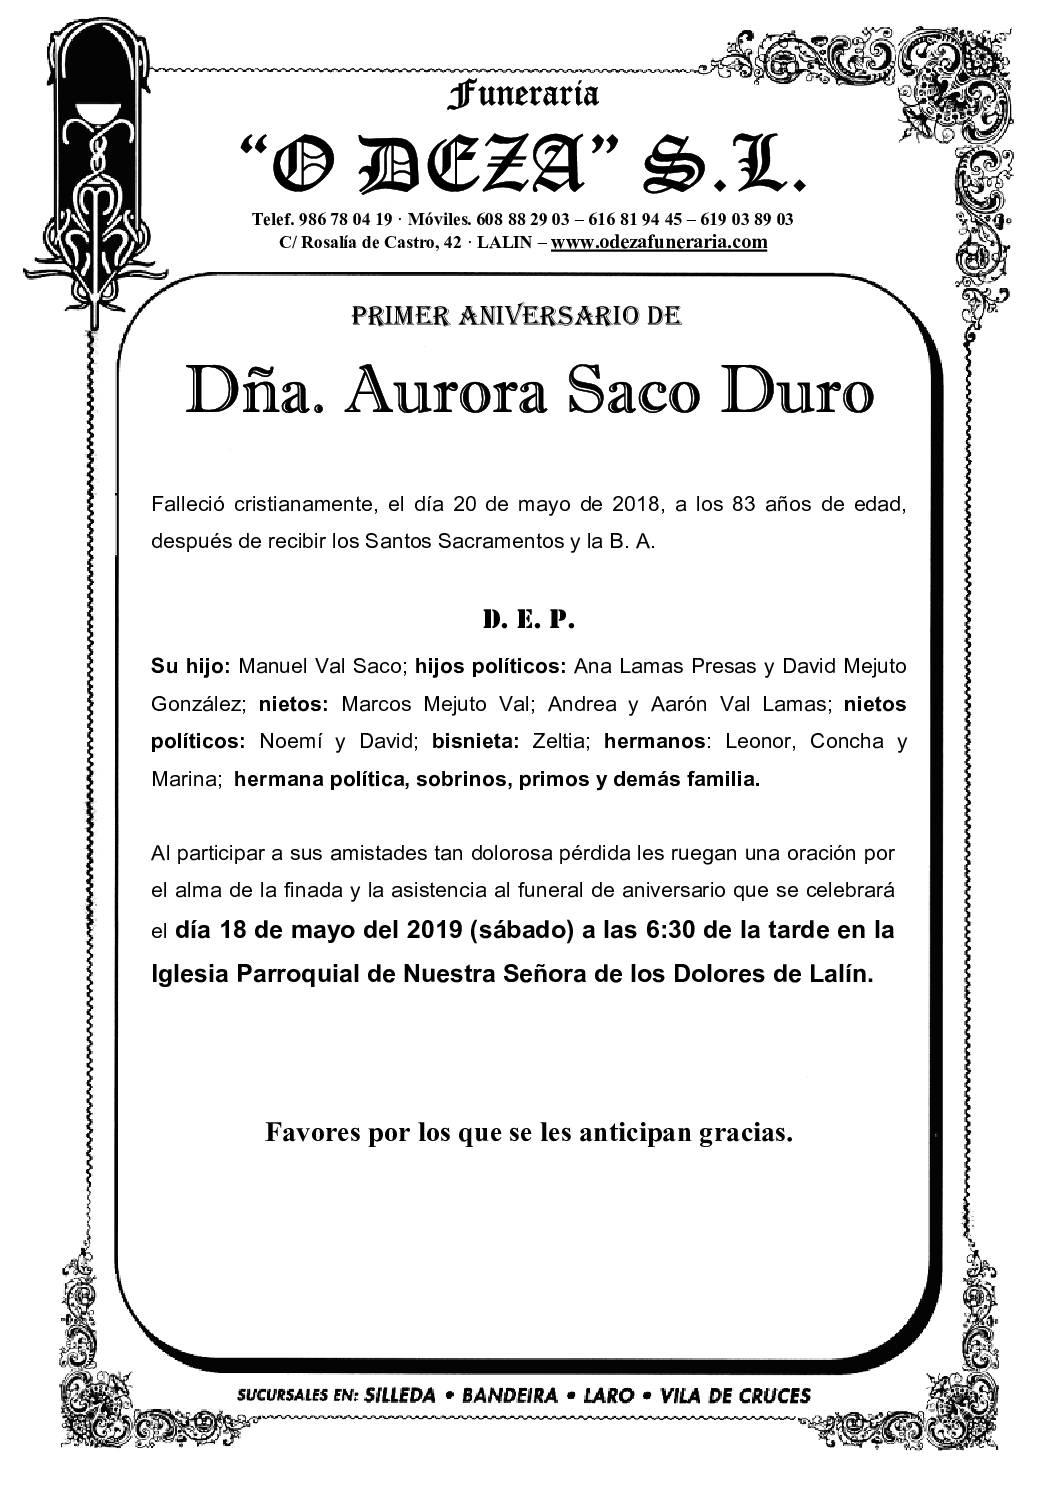 DÑA. AURORA SACO DURO